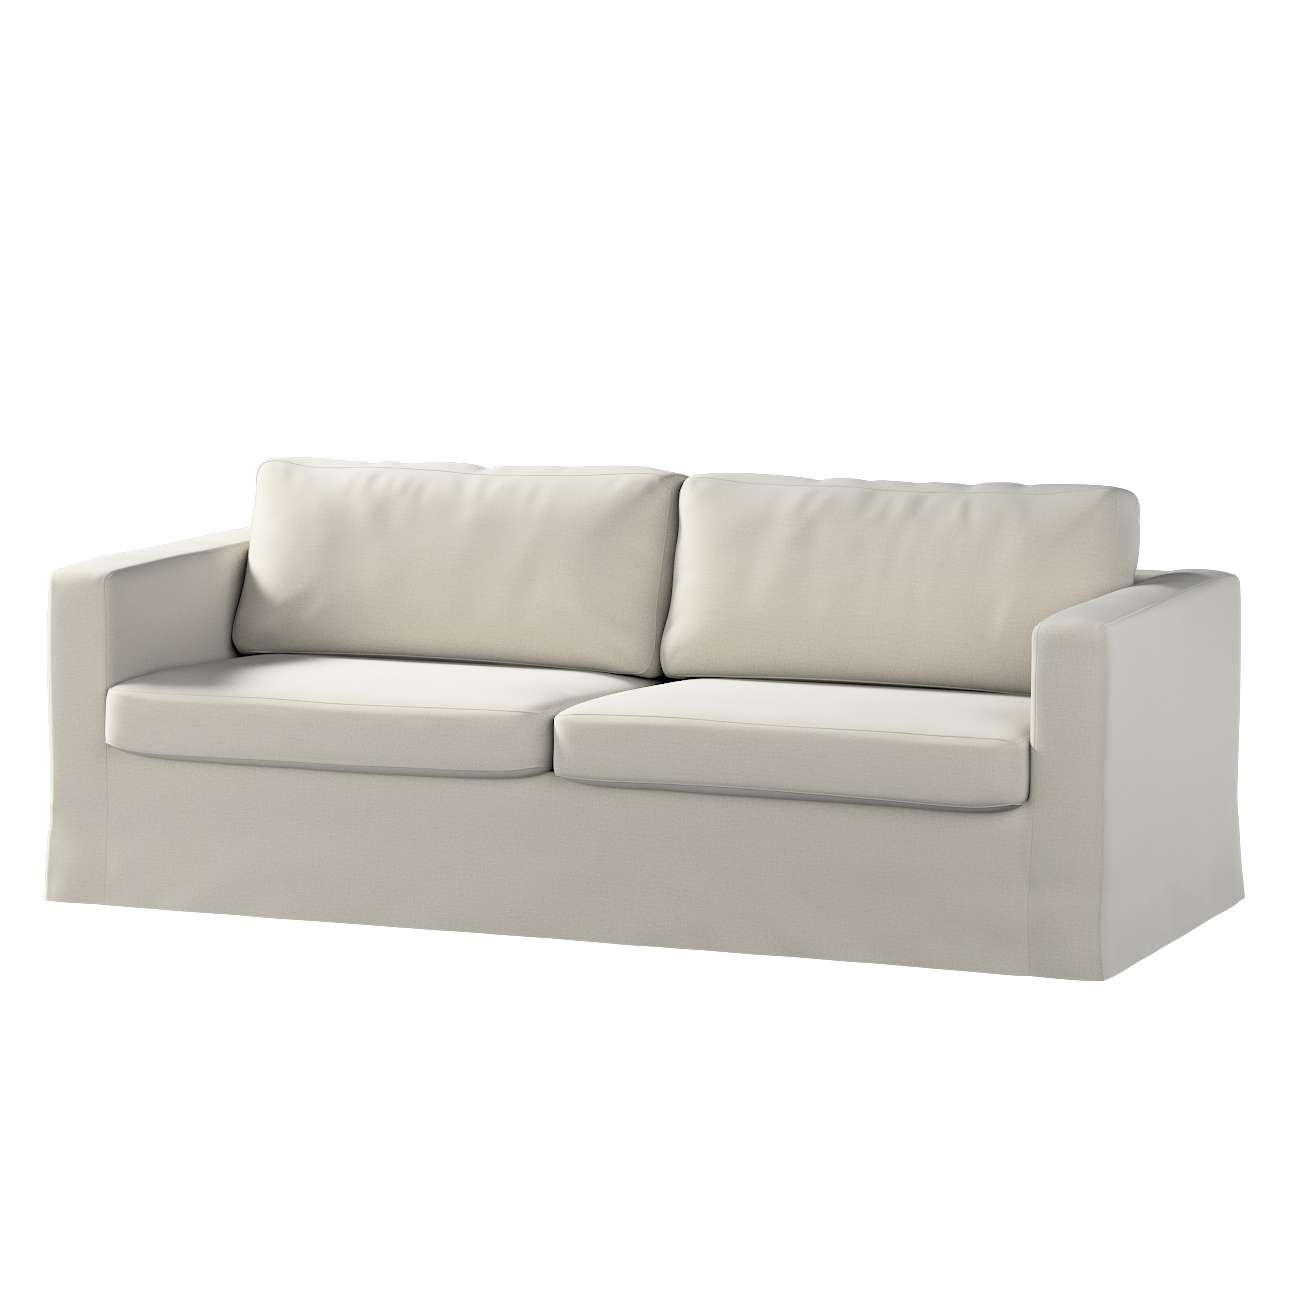 Potah na pohovku IKEA  Karlstad 3-místná, nerozkládací, dlouhý v kolekci Ingrid, látka: 705-40